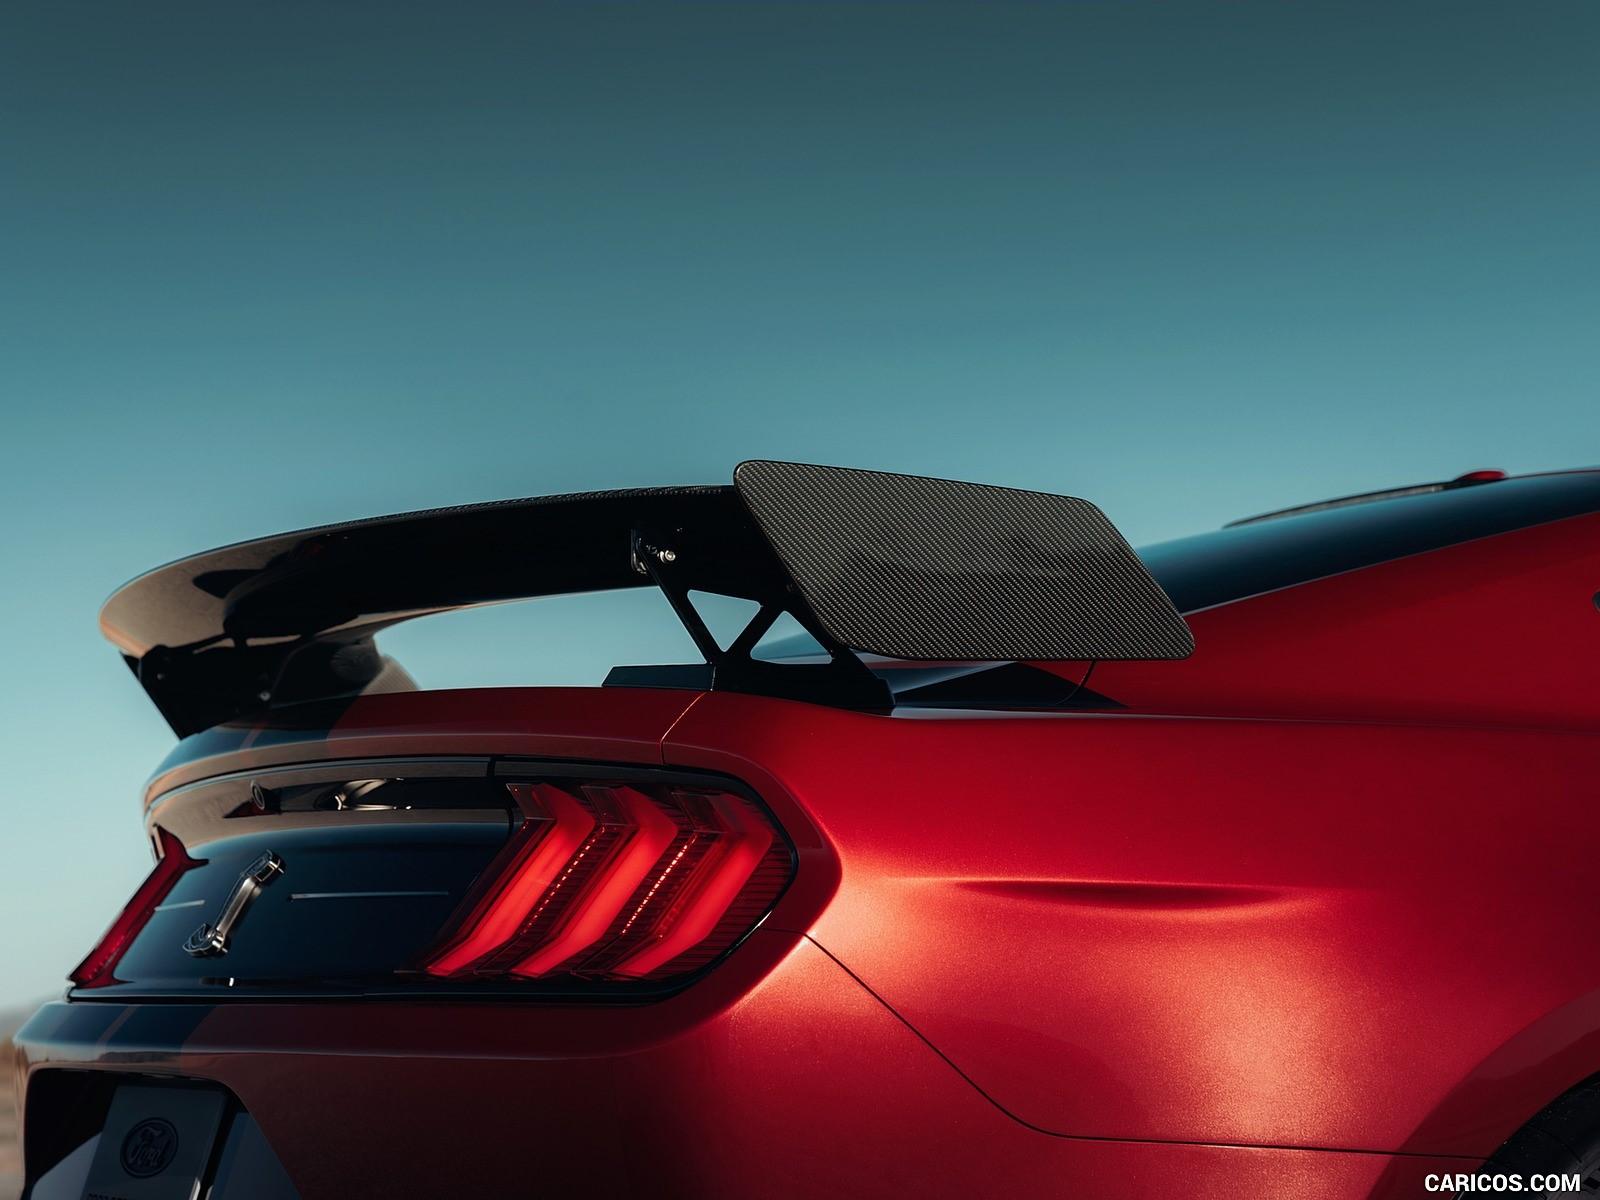 Ford Mustang Shelby 12k fotoları